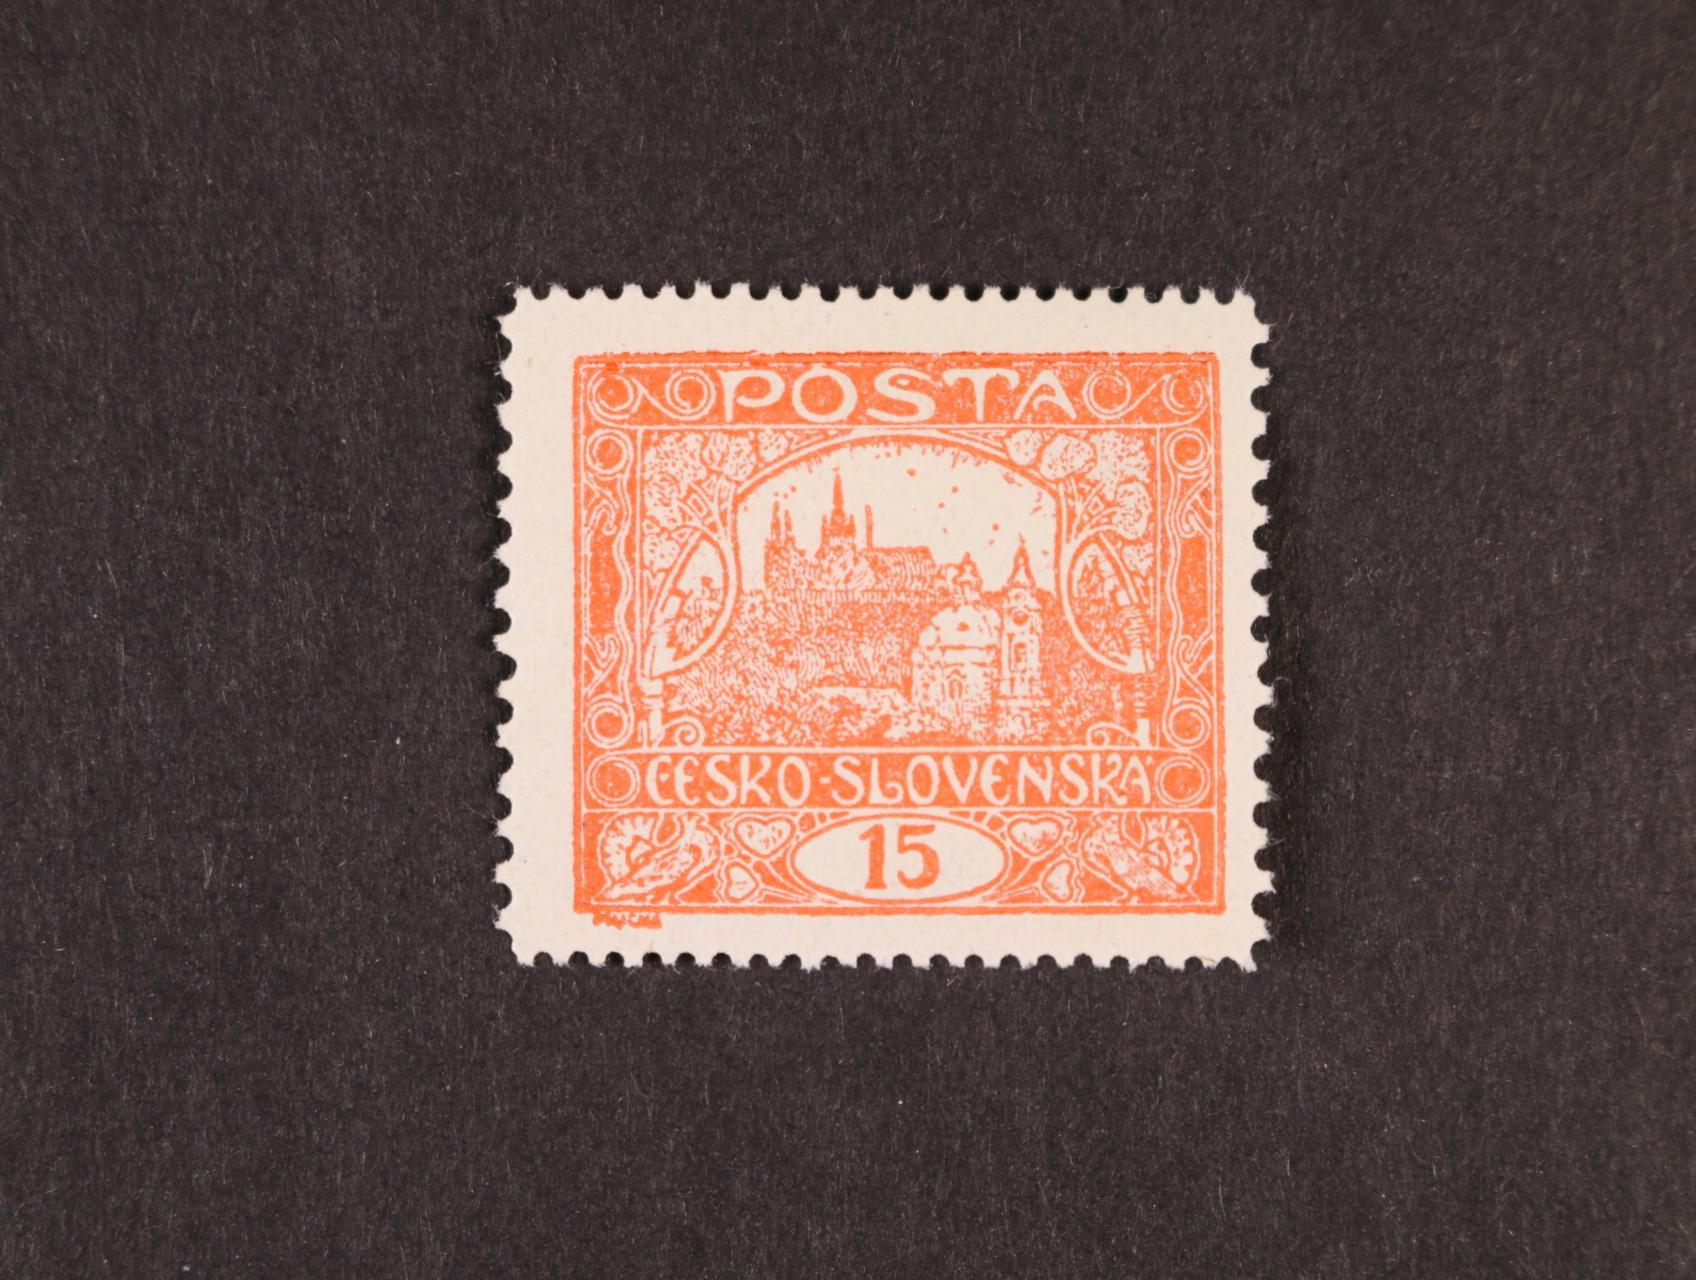 zn. č. 7 H, typ II, příčkový podtyp IIa, TD 1, zk. Gilbert, kat. cena 20000 Kč